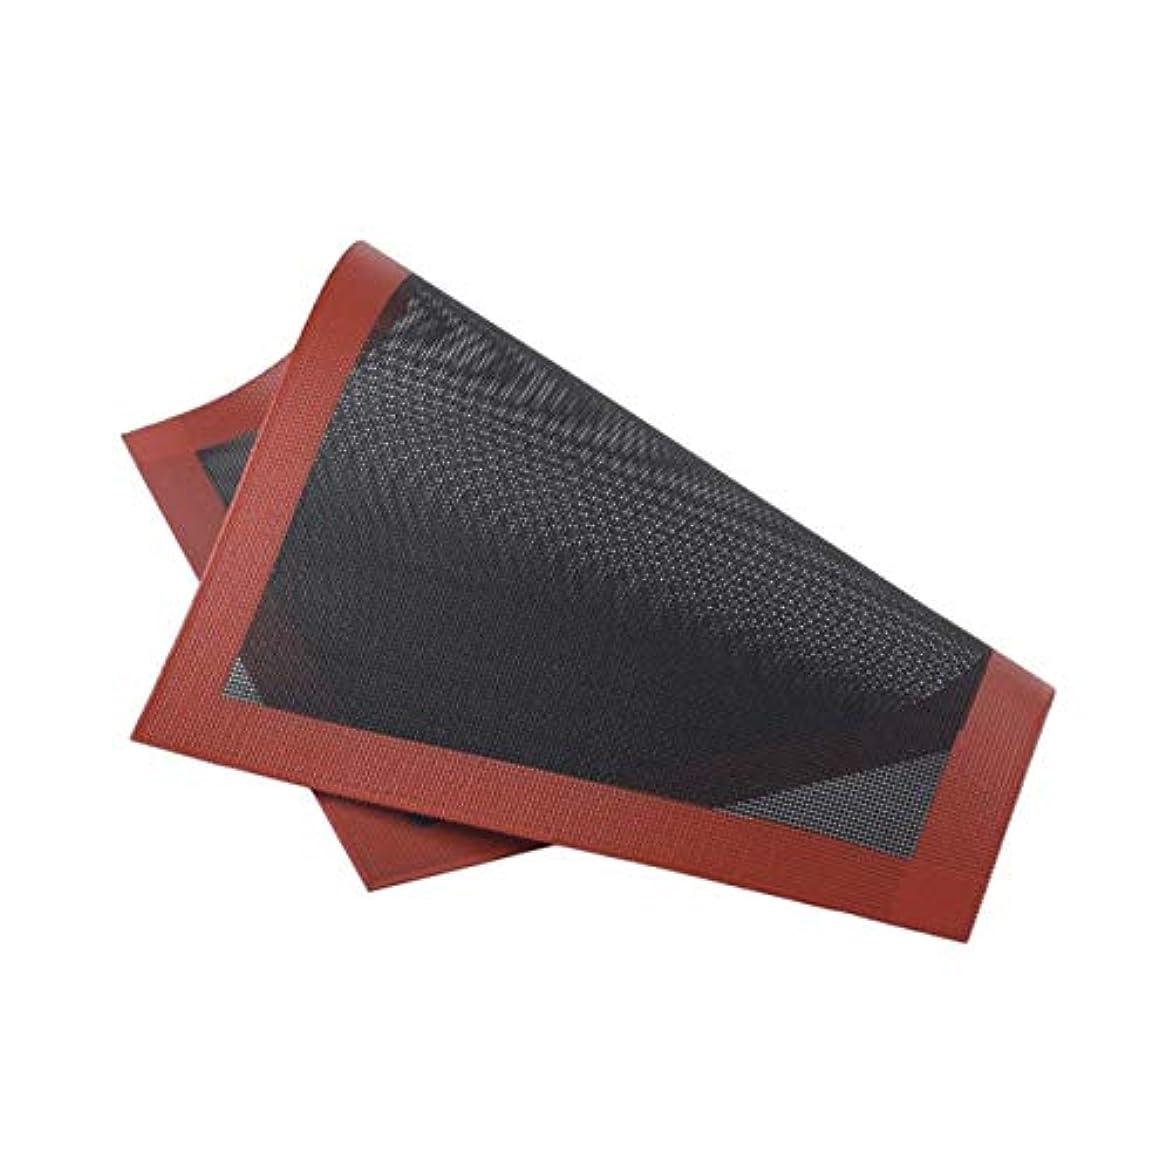 キュービックジャンクションメッセージSaikogoods クッキーパンビスケットのための実用的なデザインホームキッチンベーキングツールのシリコンベーキングマットノンスティックベーキングオーブンシートライナー 黒と赤 直角